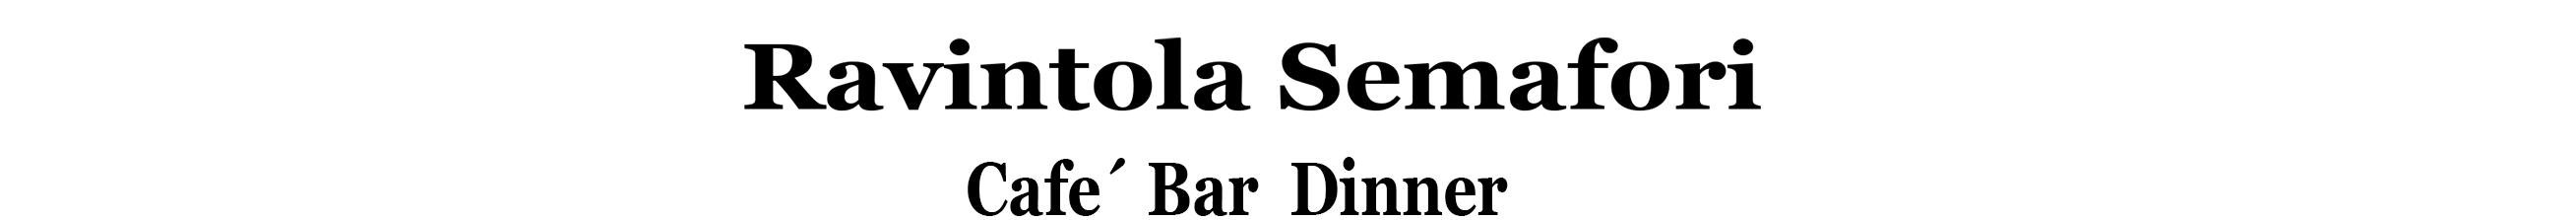 Ravintola Semafori